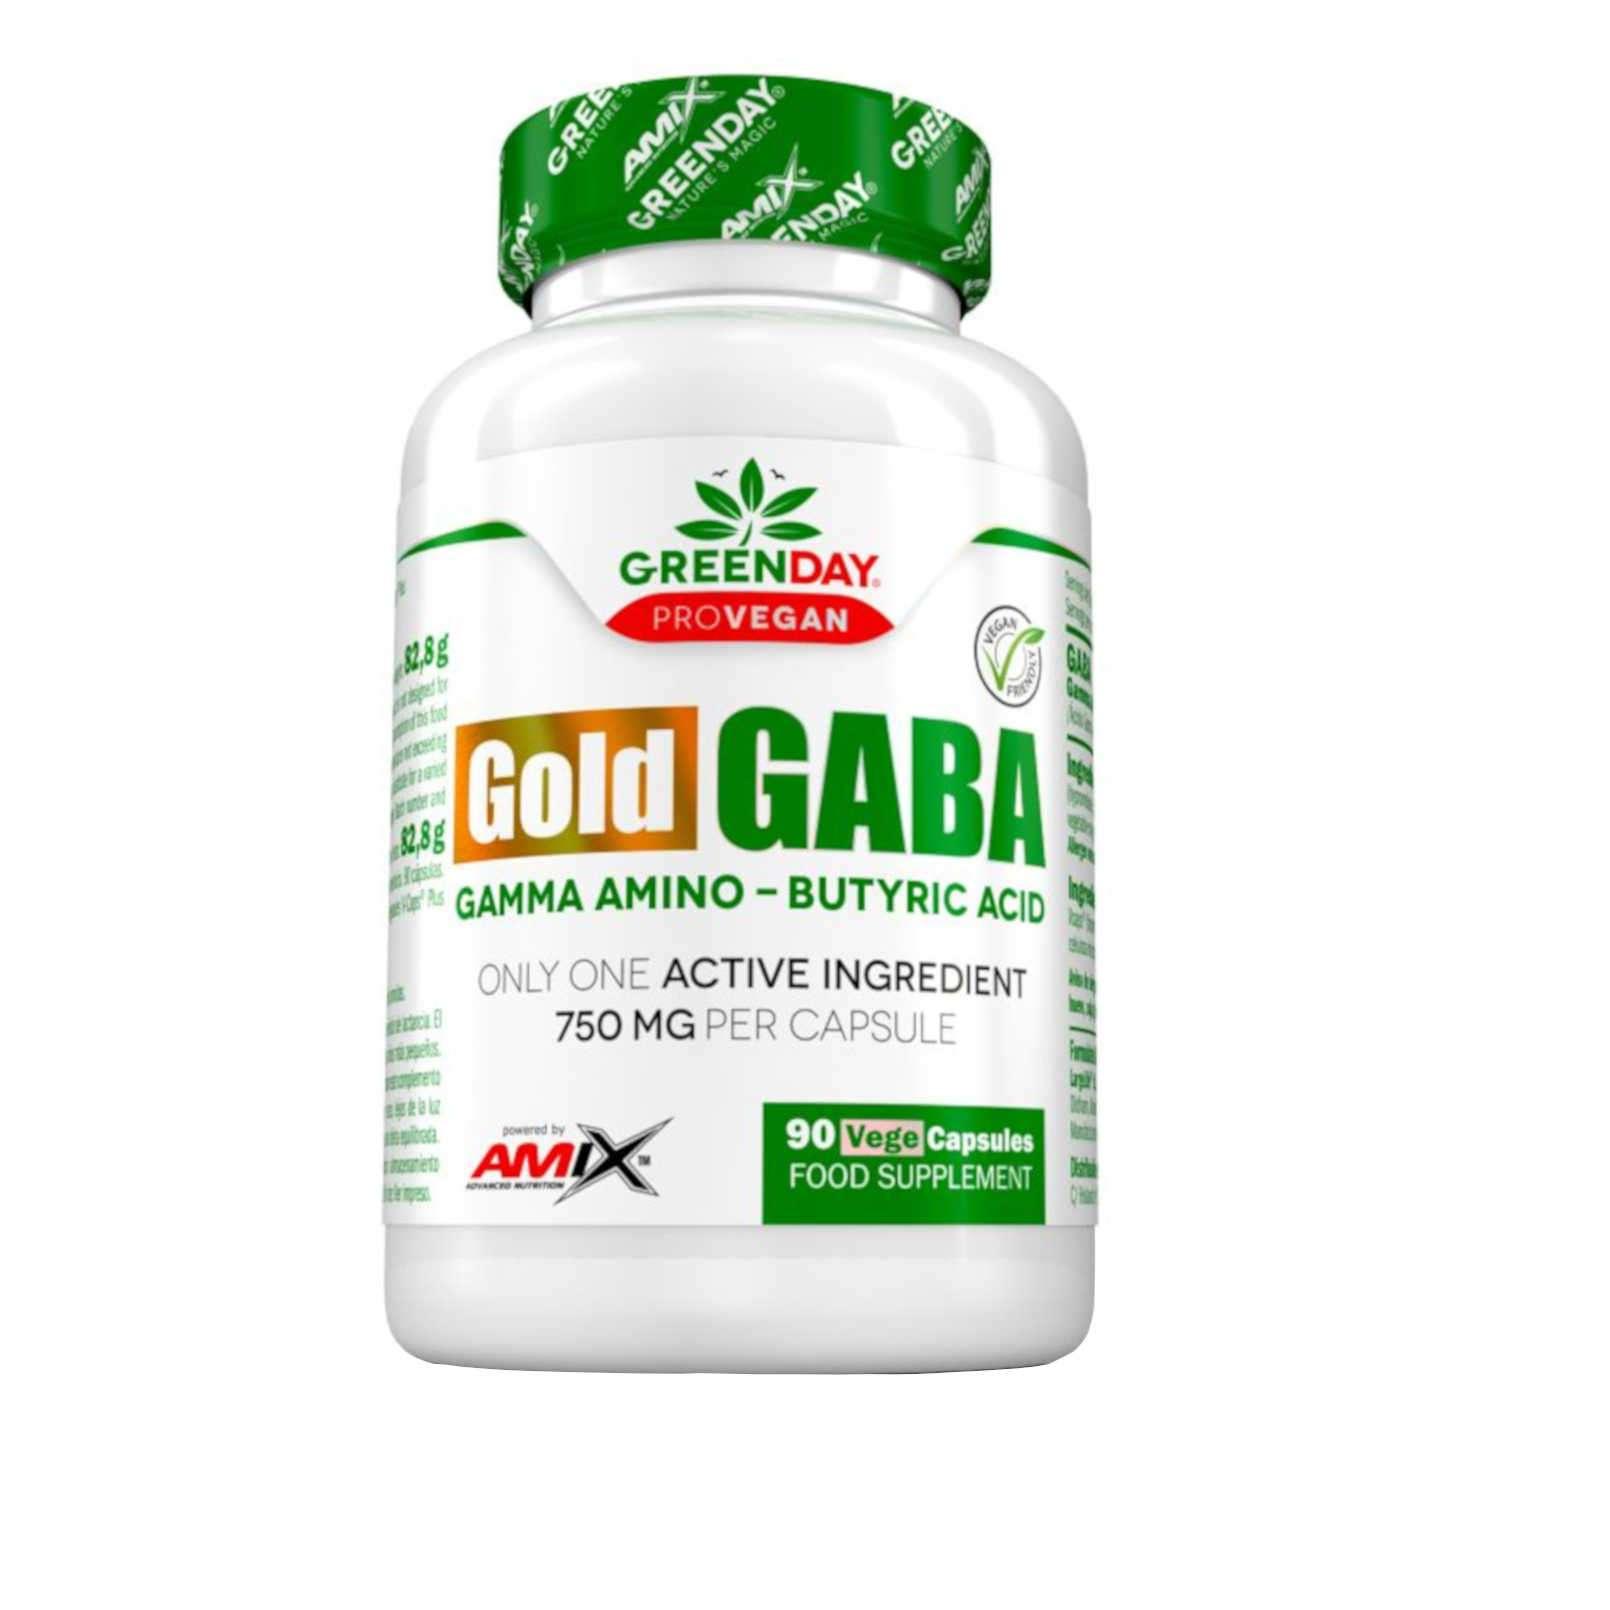 GOLD GABA - 90 veg caps